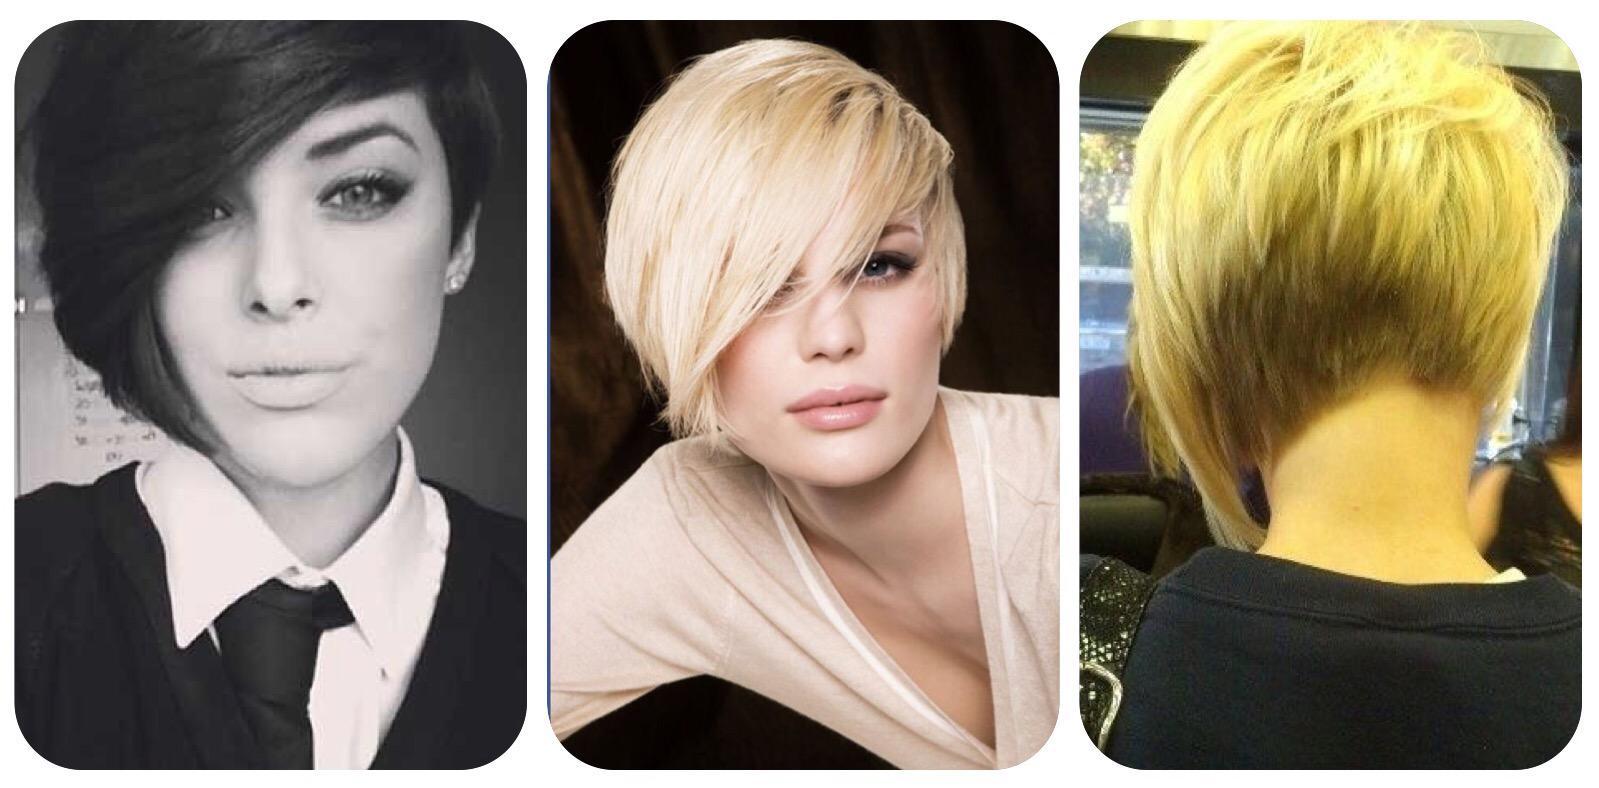 image69-1 | Модные женские стрижки на короткие волосы: основные правила и варианты исполнения